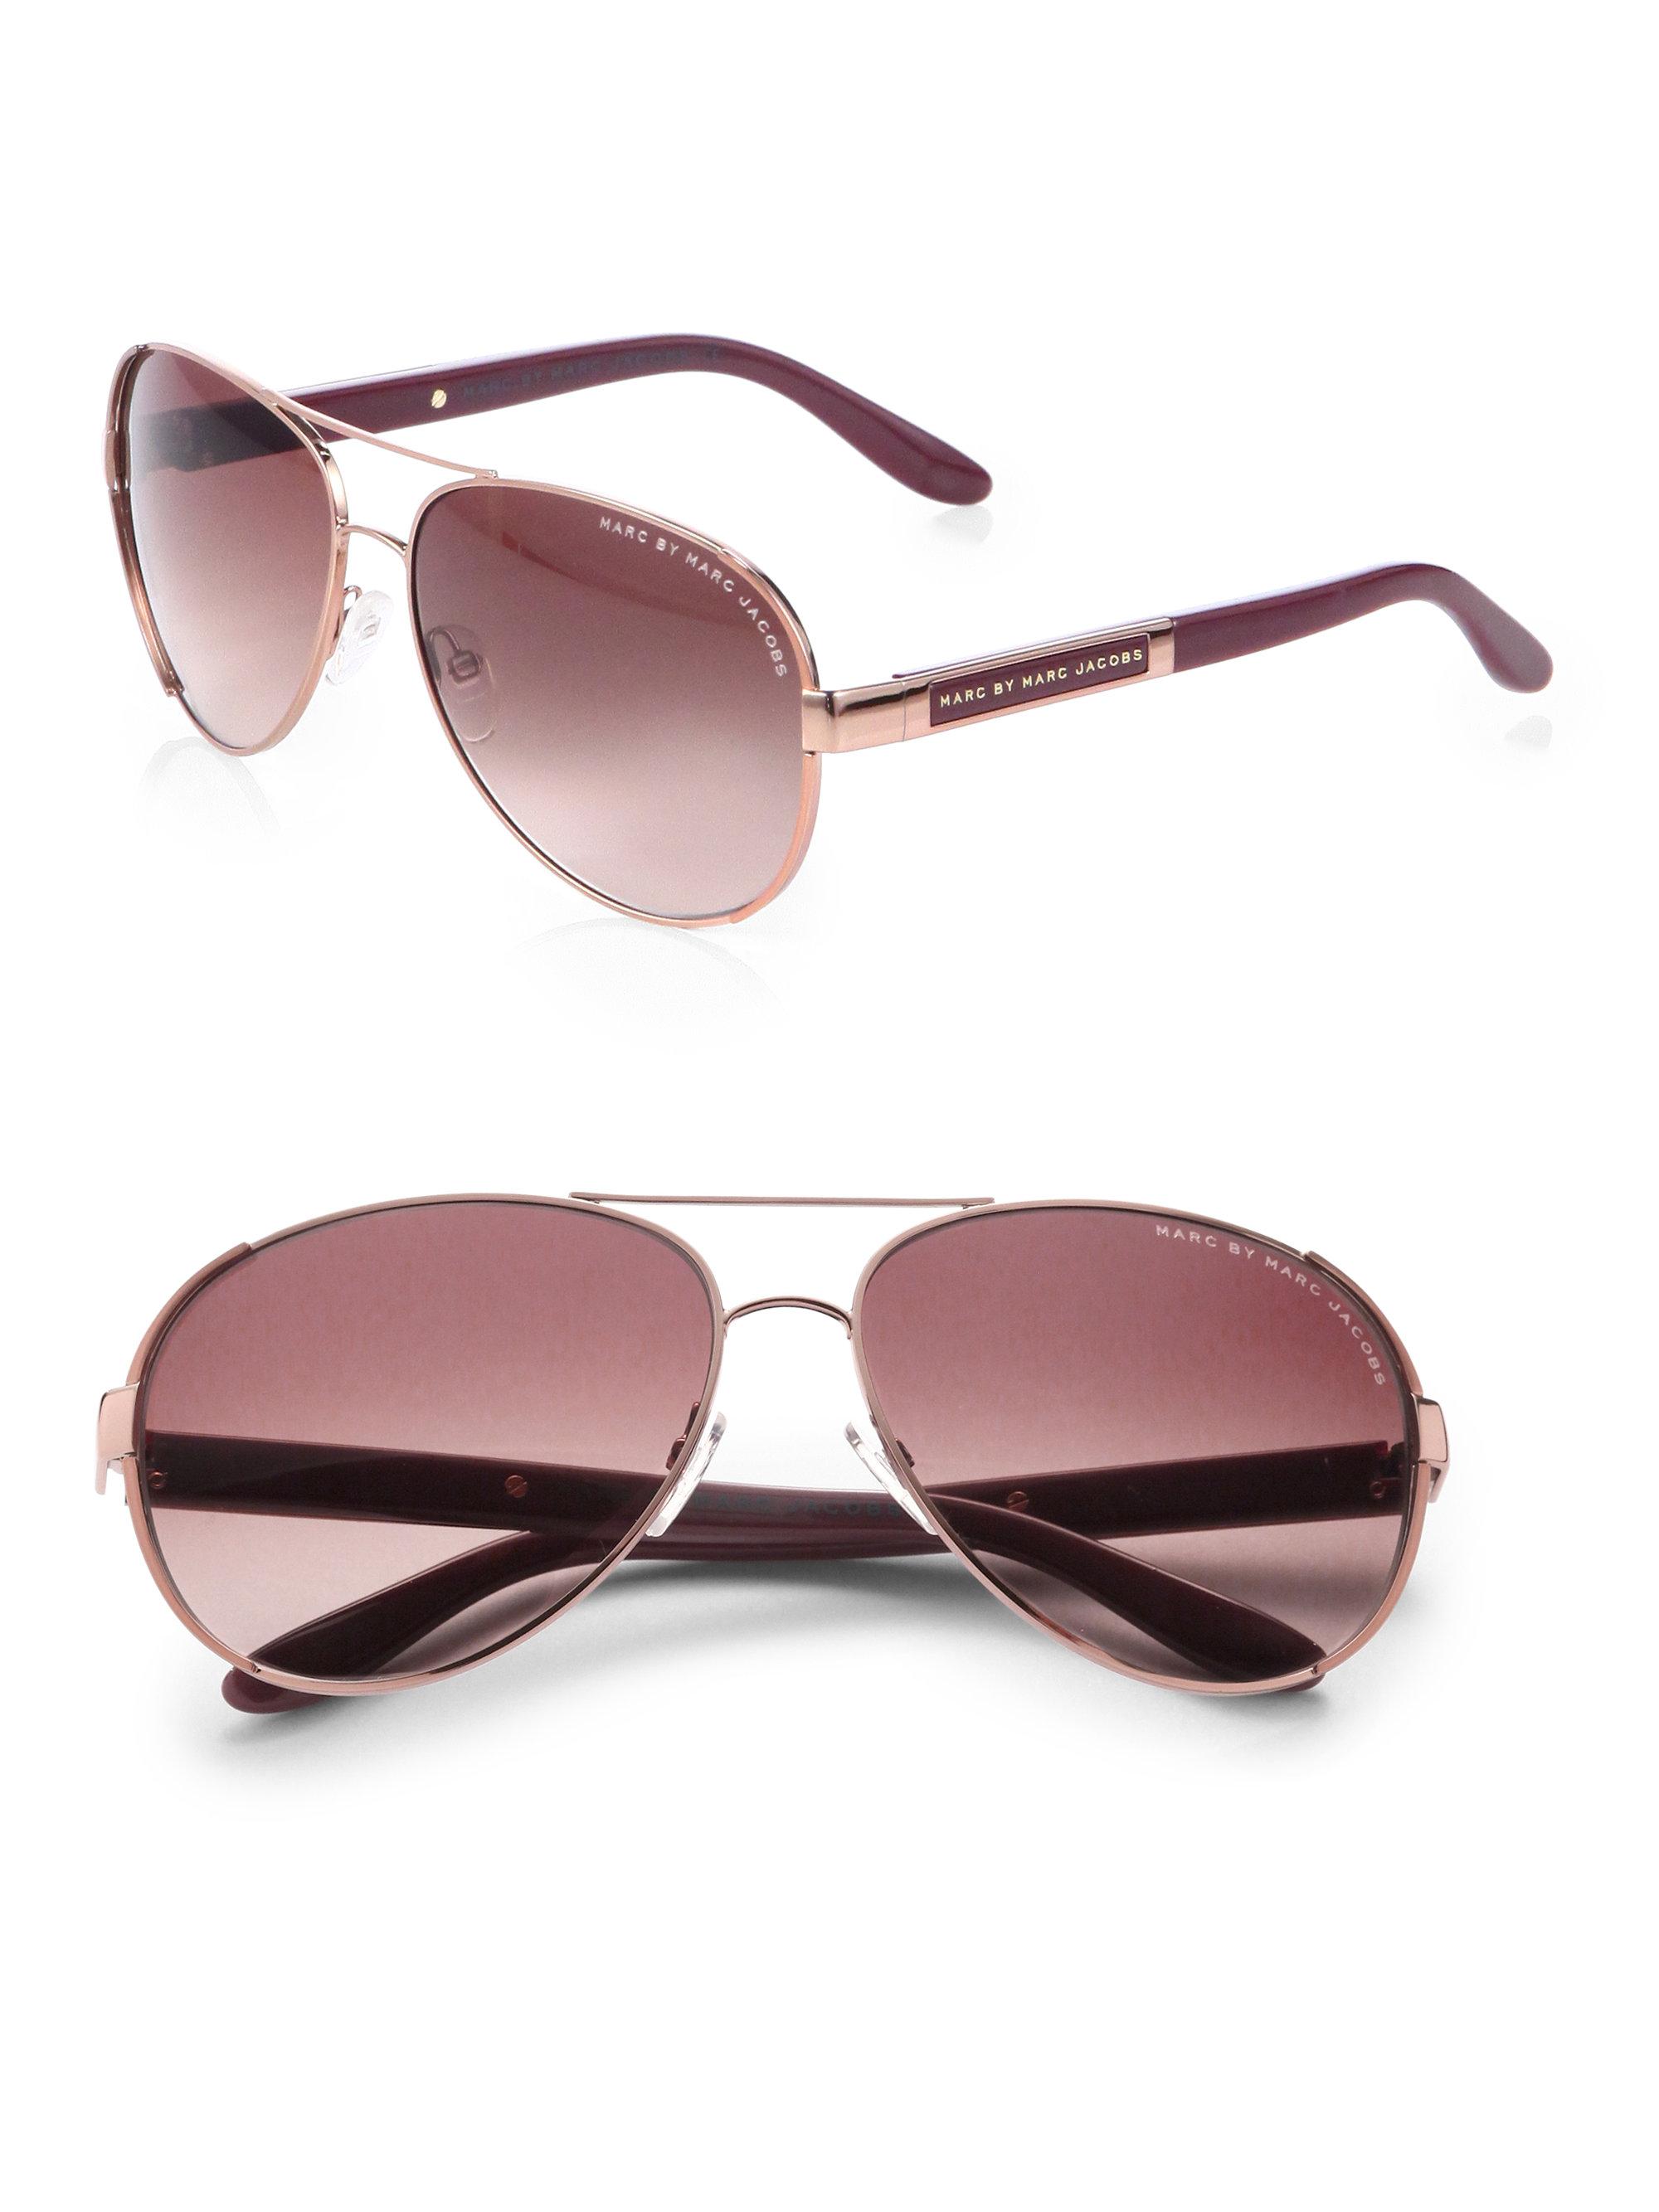 5ec93ee9c4 Marc Jacobs Women s Aviator Sunglasses